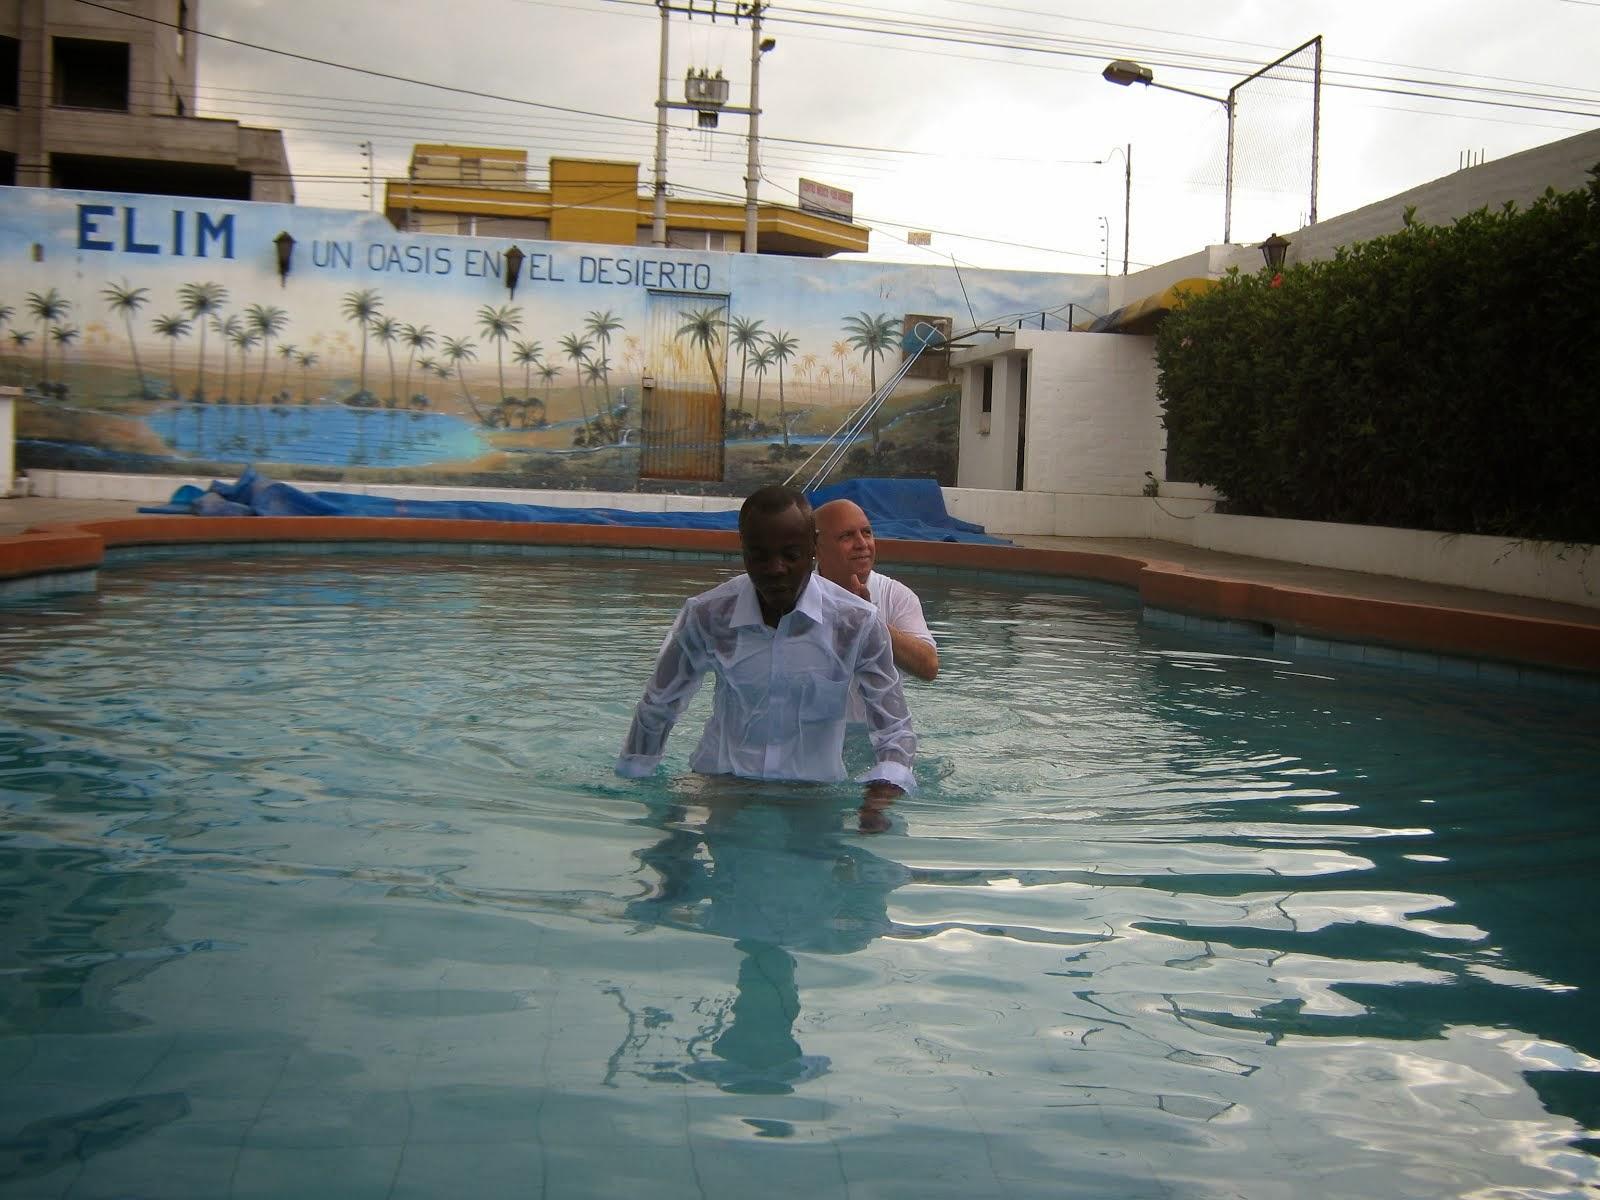 Primer bautismo